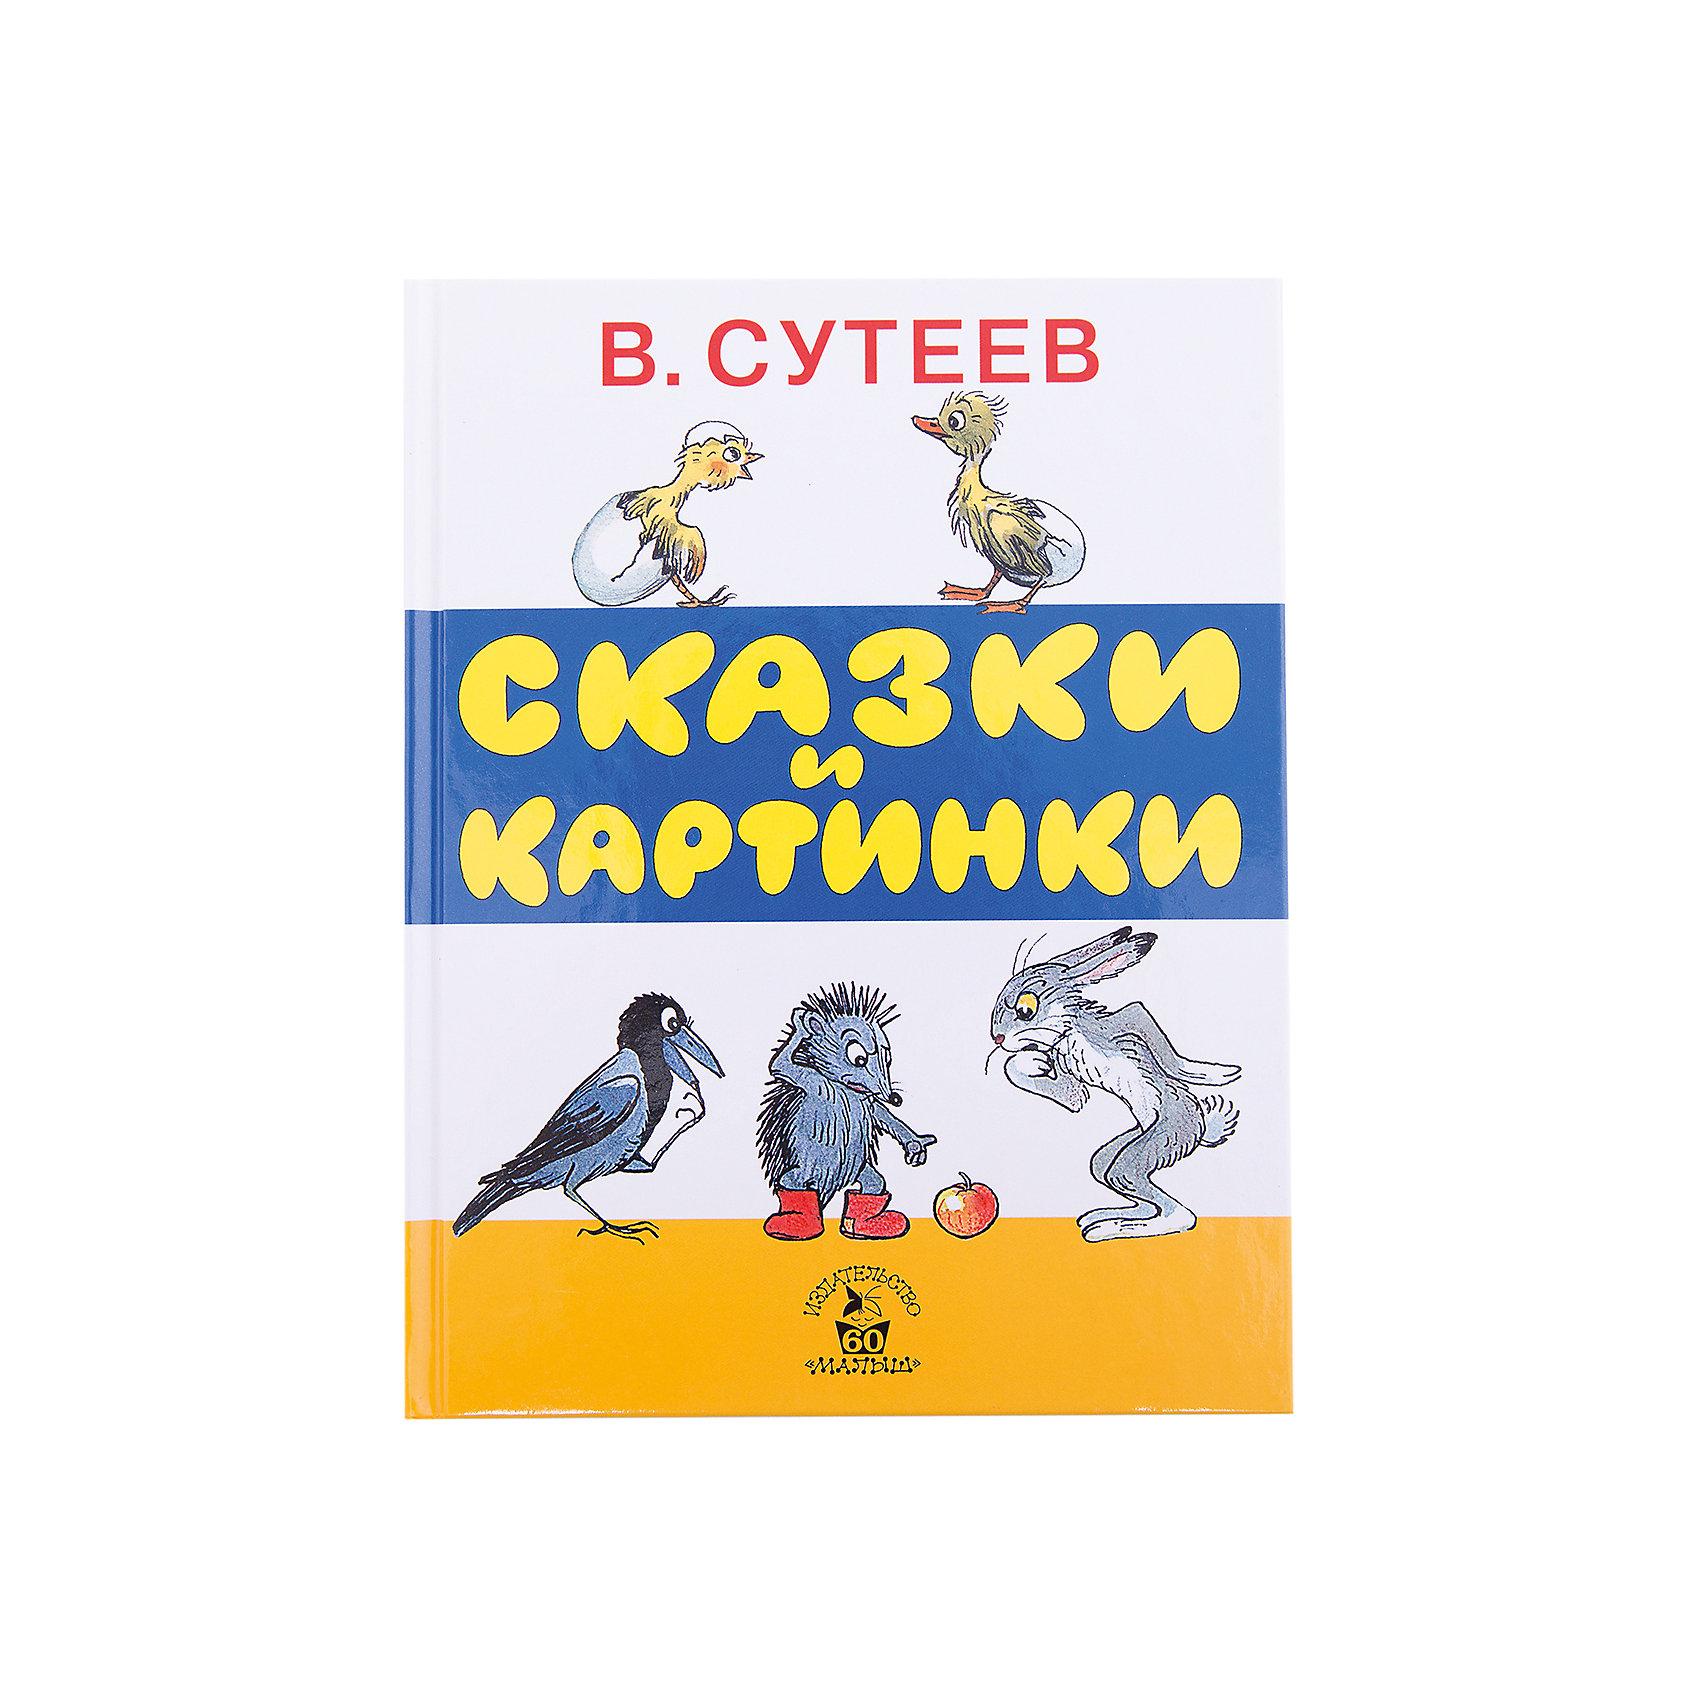 Сказки и картинки В. СутееваРусские сказки<br>Эта книга живет на свете уже много-много лет. И если ты возьмешь ее в руки и покажешь своей бабушке, она воскликнет: Ой! Ну надо же! Я тоже читала её в детстве! И эту книгу придумал, написал  и нарисовал Владимир Григорьевич Сутеев, известный художник-мультипликатор, и назвал её Сказки и картинки. Сказки в ней получились с такими радостными и яркими картинками, что сразу полюбились всем. Полюби их и ты, ведь они добрые и весёлые. Потом (когда вырастешь) расскажешь их своим детям и внукам.<br><br>Ширина мм: 210<br>Глубина мм: 162<br>Высота мм: 150<br>Вес г: 5366<br>Возраст от месяцев: 12<br>Возраст до месяцев: 36<br>Пол: Унисекс<br>Возраст: Детский<br>SKU: 6848387